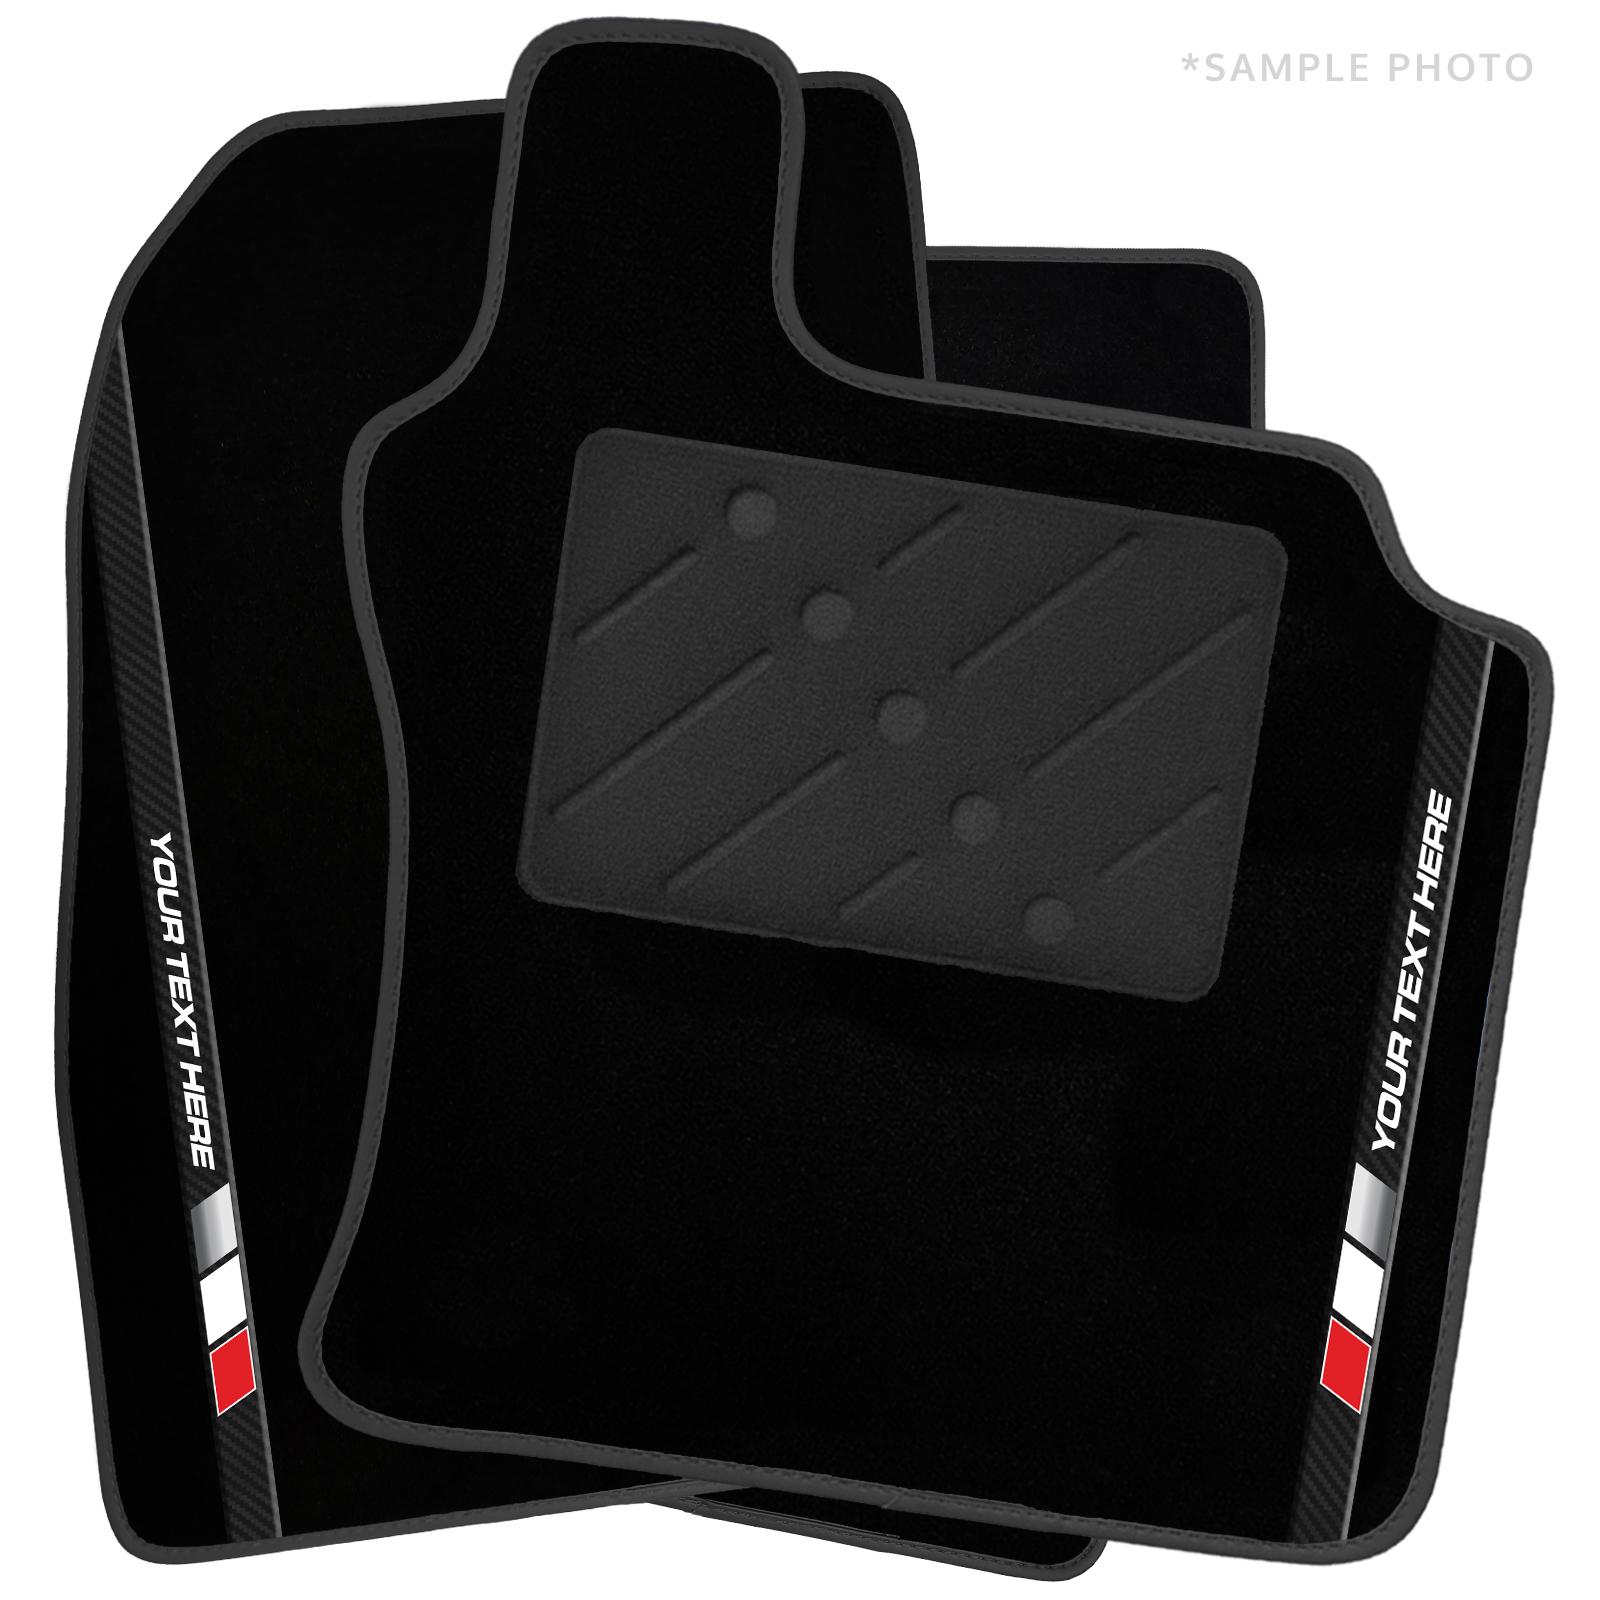 Details about Audi A10 Car Mats B10 10 - 10 S Line & Logos [10] | genuine audi a4 car mats